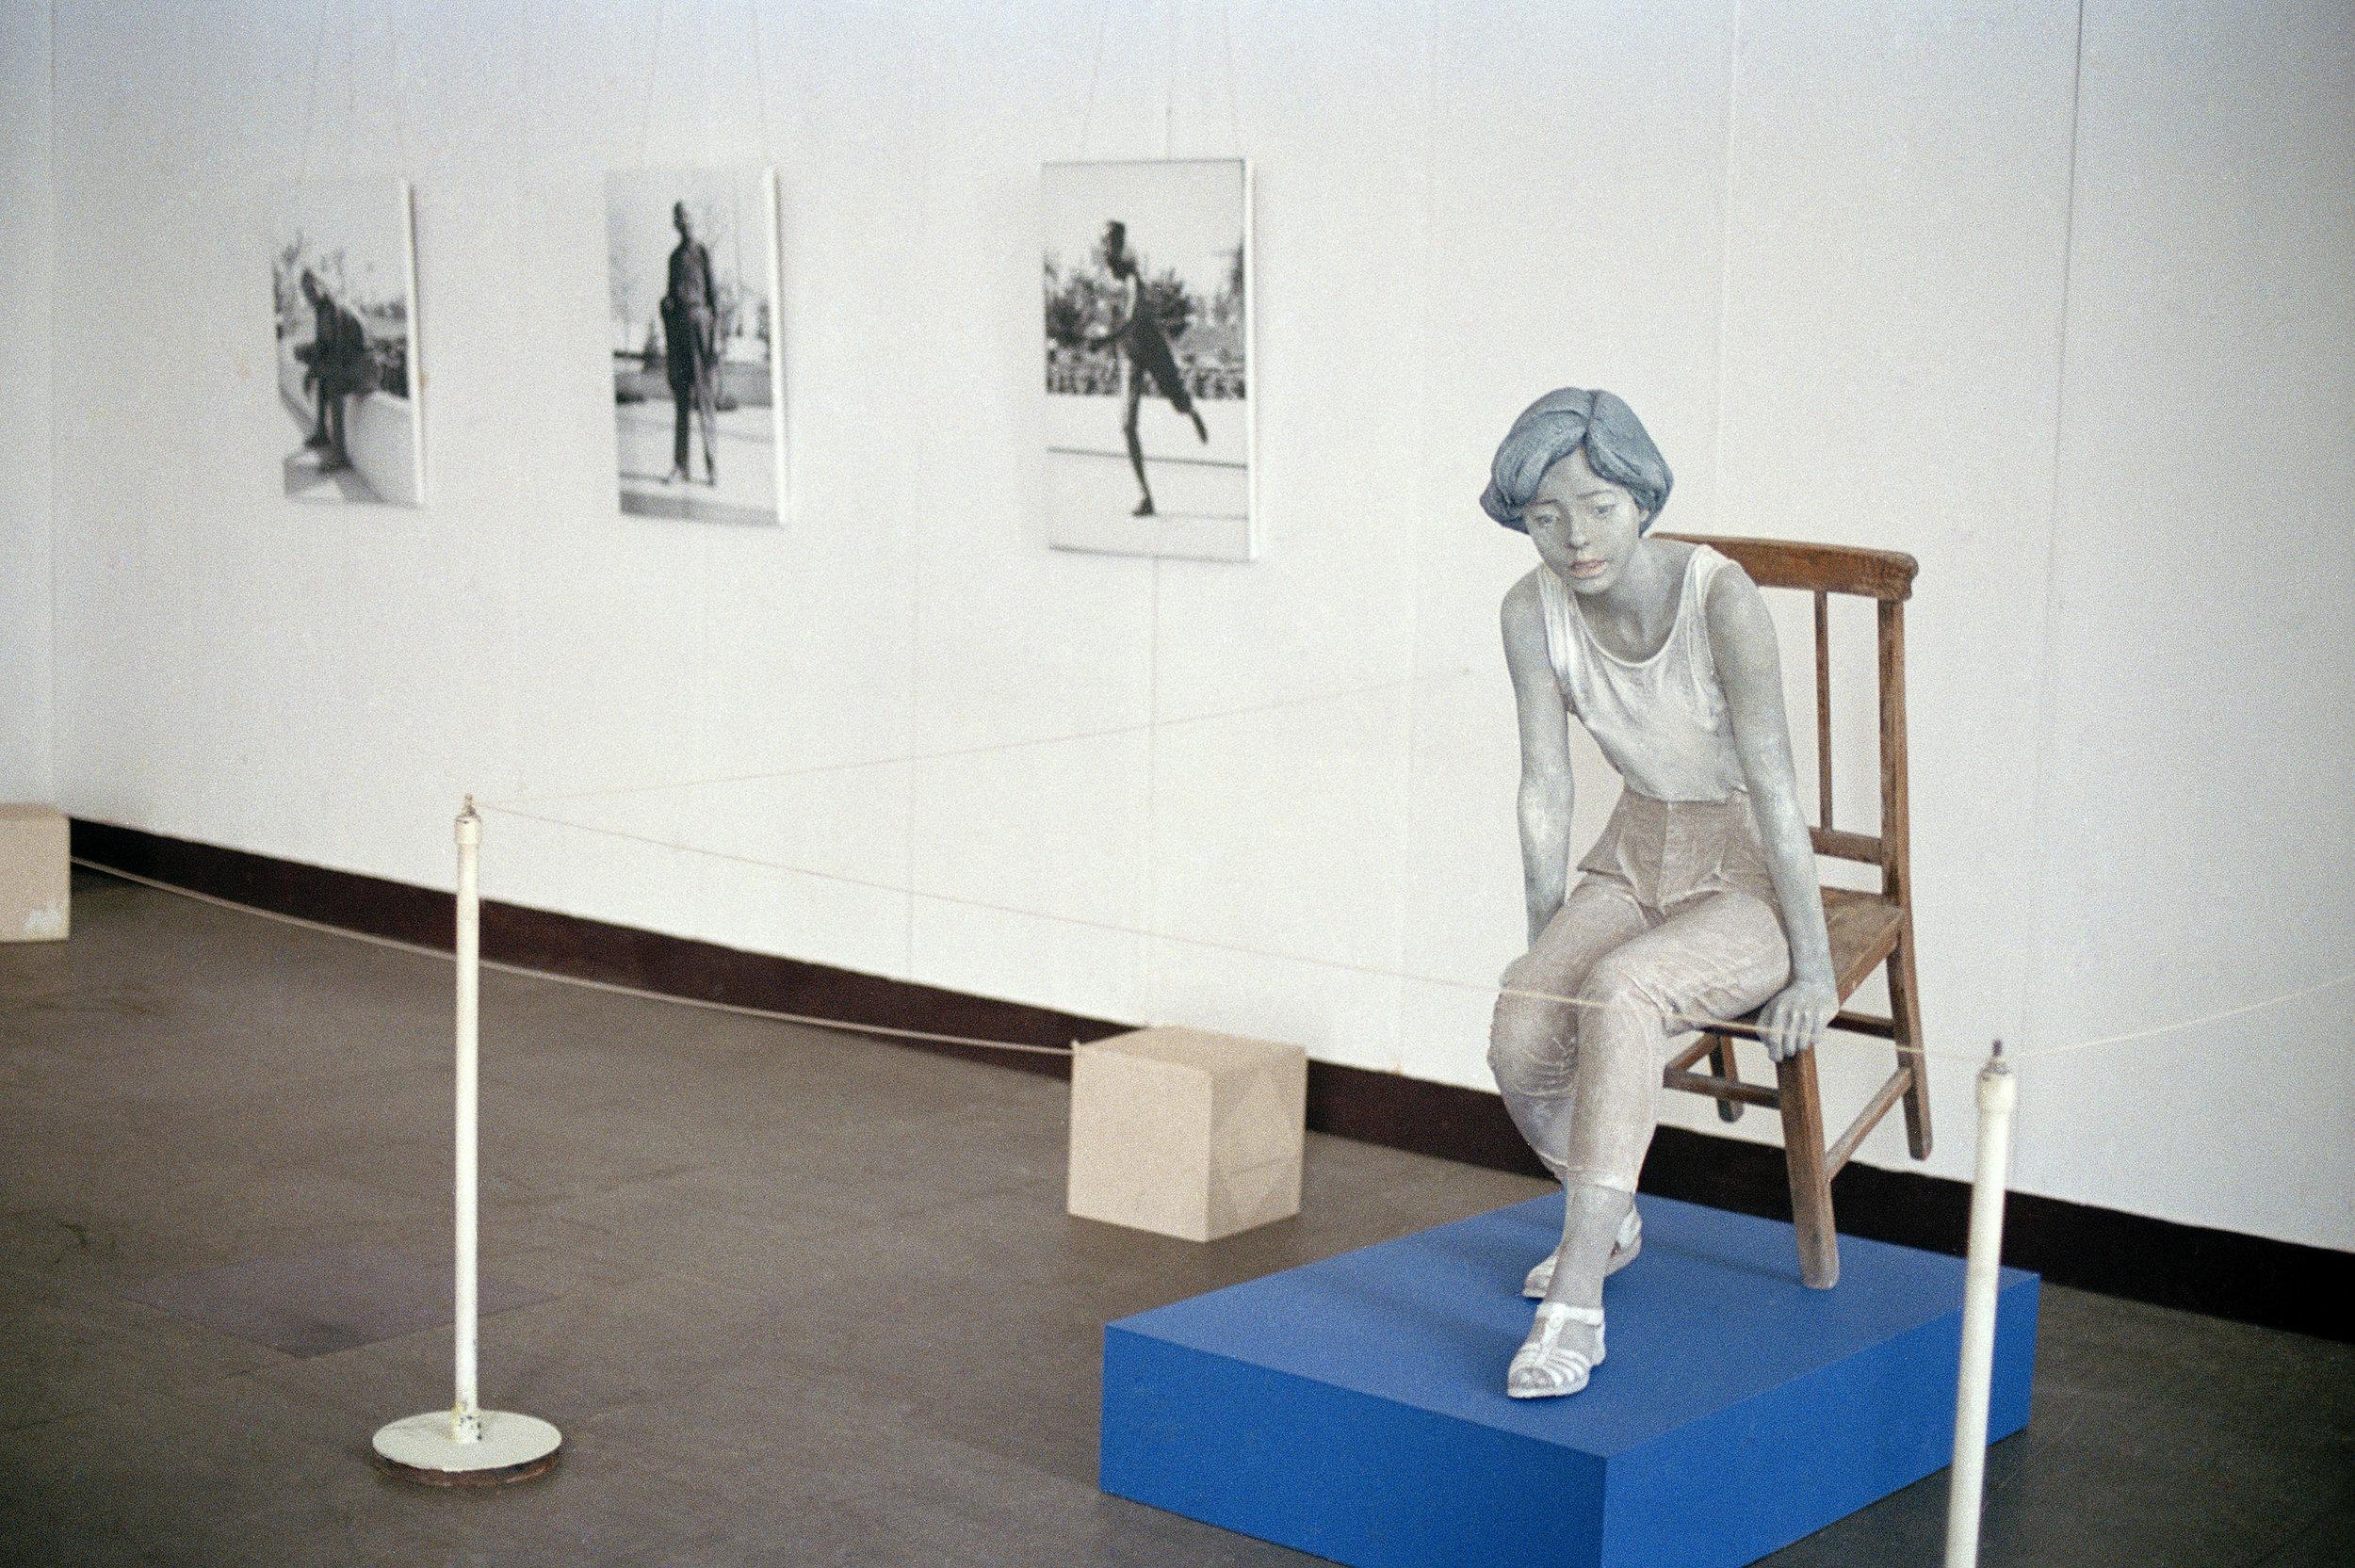 【新生代艺术展】展望1991-夏日女孩-雕塑、照片-尺寸可变.jpg